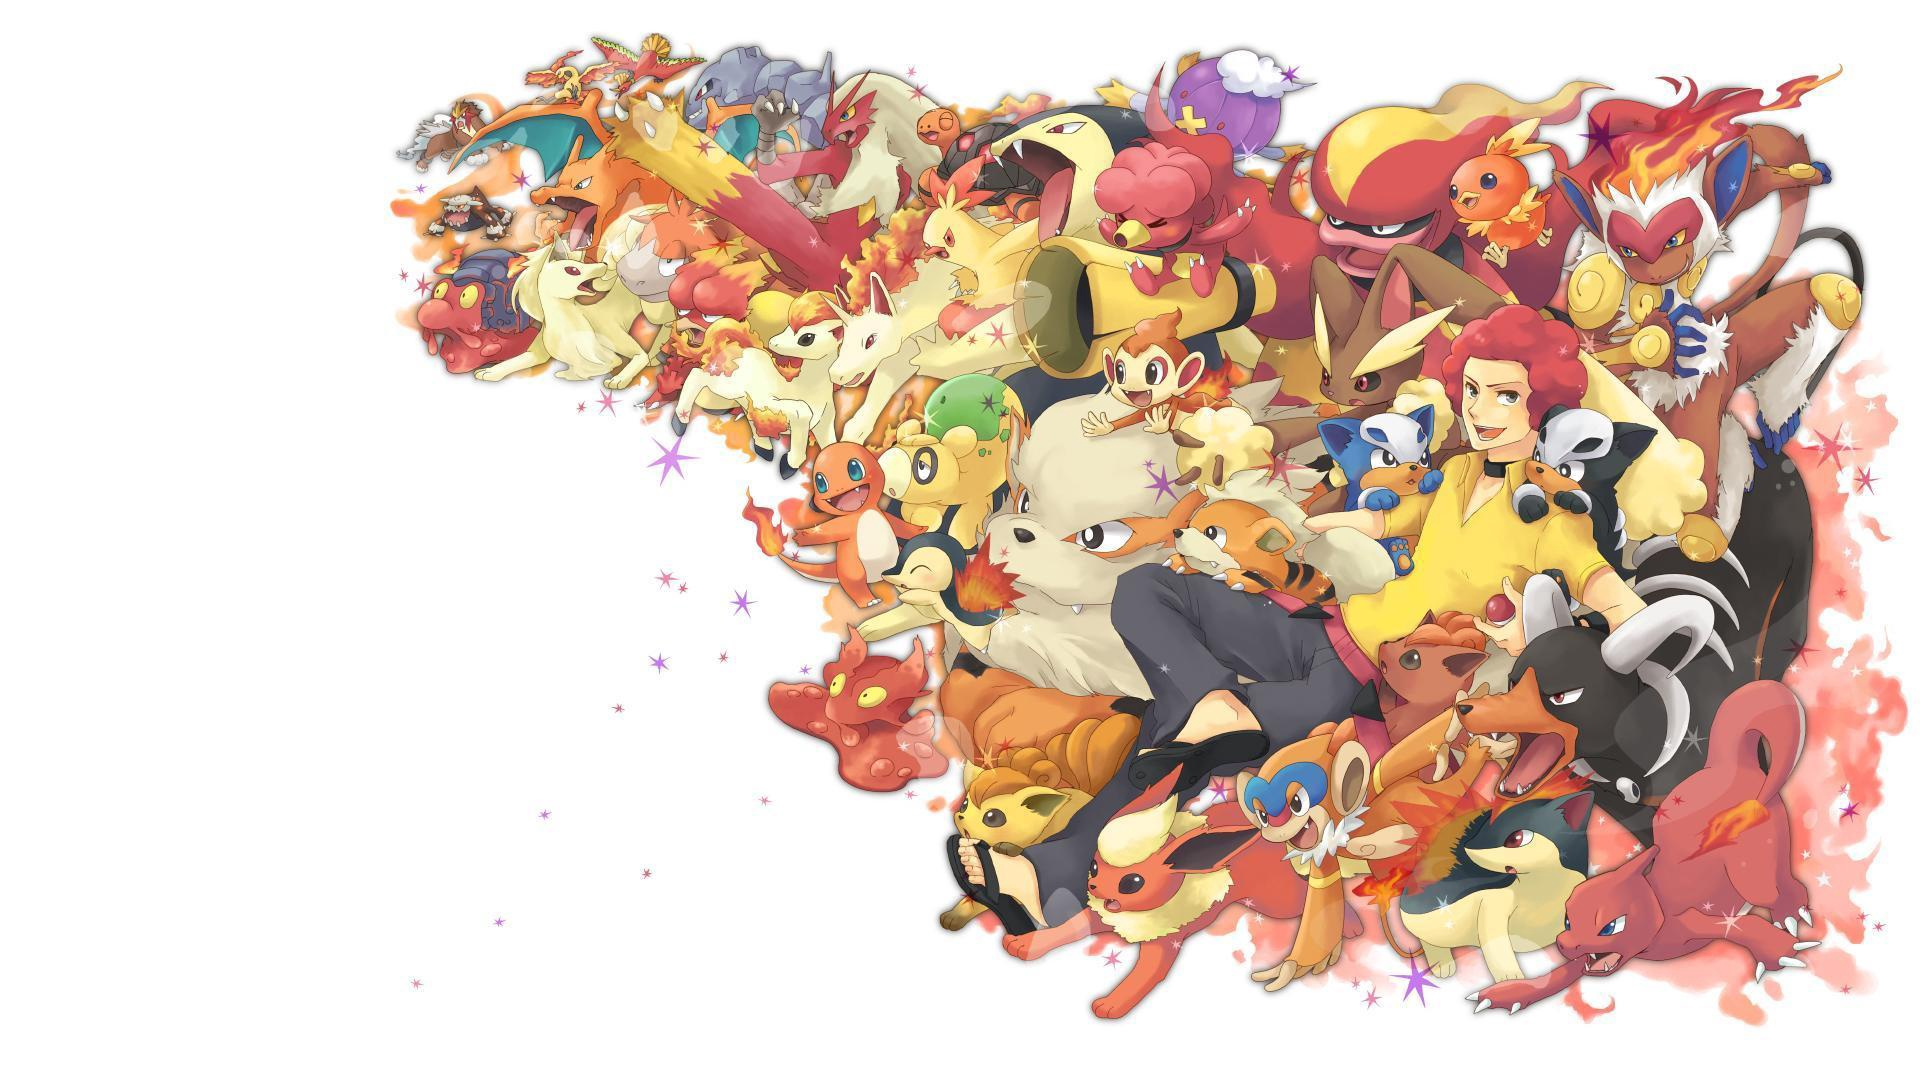 Pokémon Diamond And Pearl Fondo De Pantalla Hd Fondo De